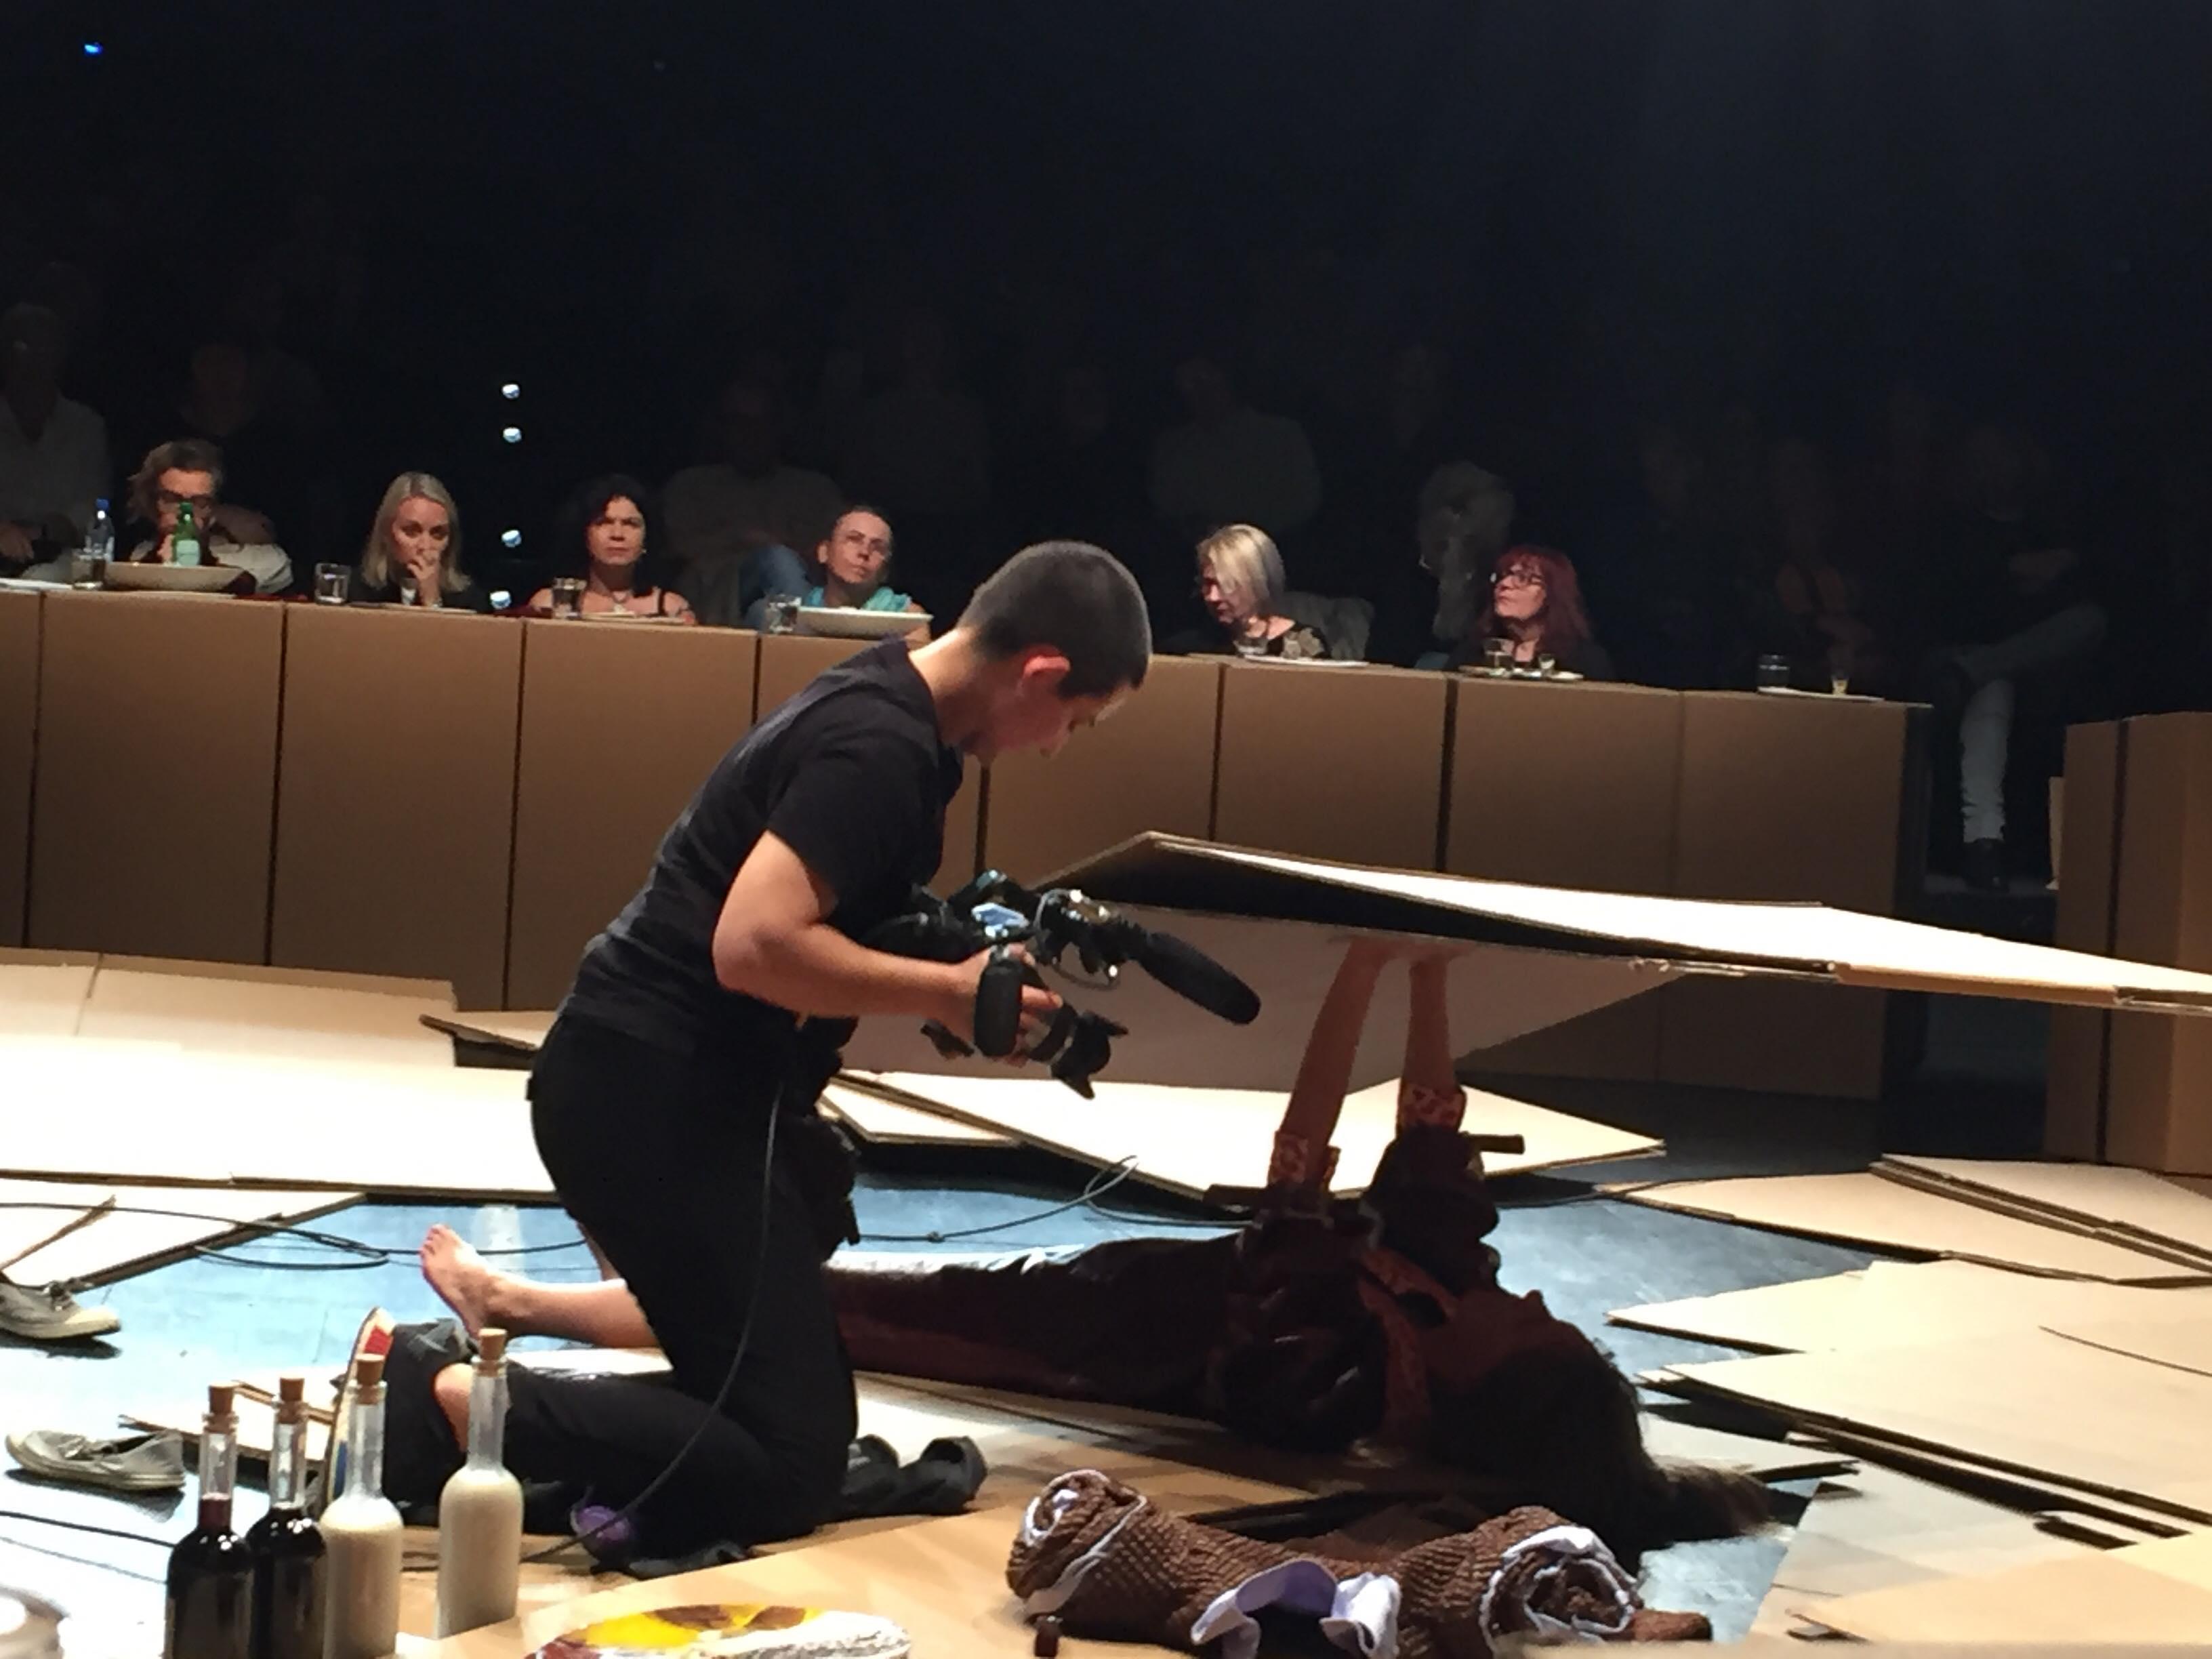 podczas performensu Anny Baumgart, Sprawa kobieca w Polsce, Łódź 2018, Teatr Nowy, Festiwal Łódź Czterech Kultur, premiera 8 września 2018